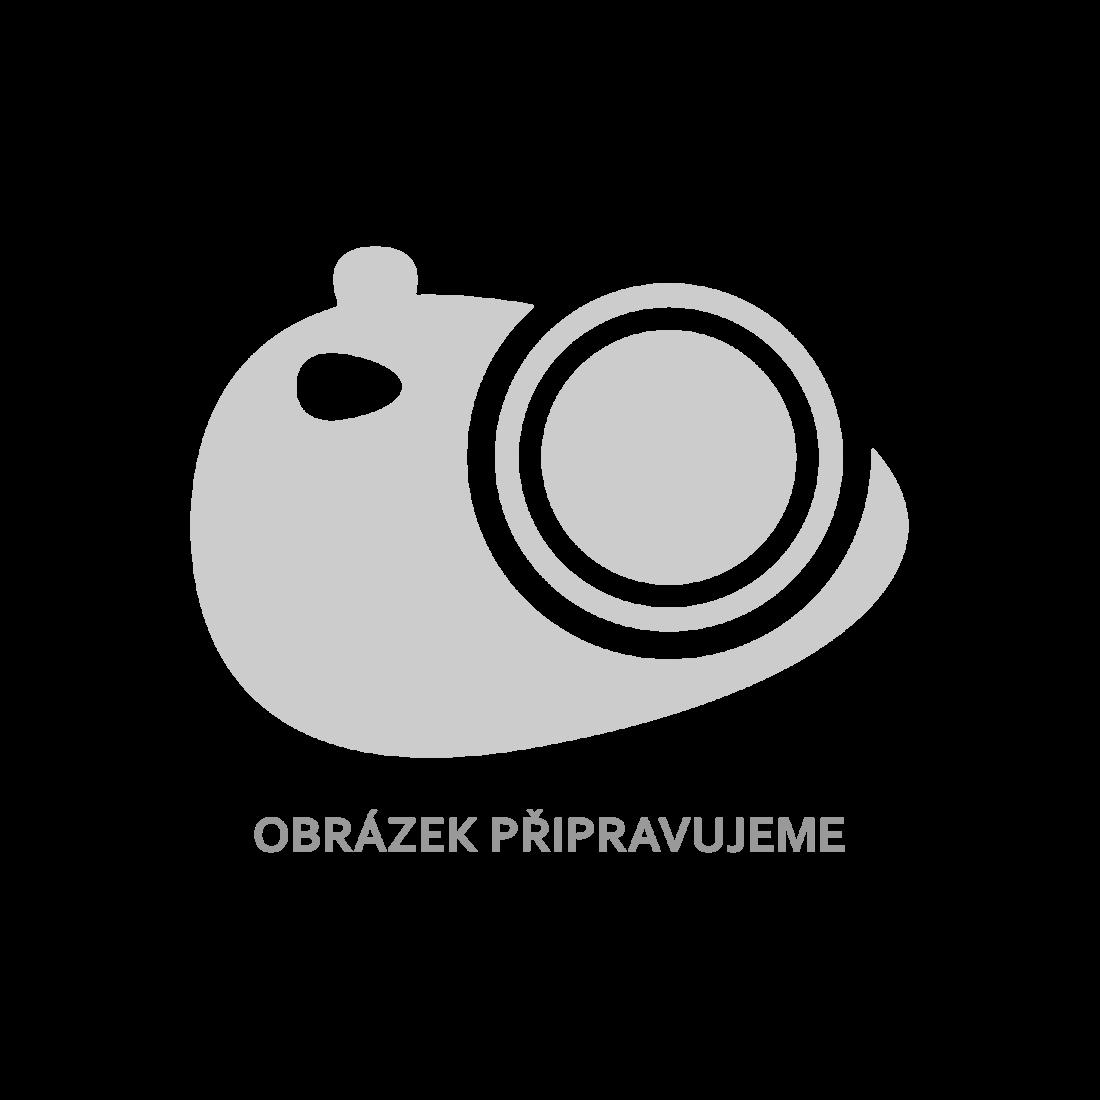 vidaXL Rohové police 2 ks s chromovými podpěrami sklo čiré 25 x 25 cm [3051592]